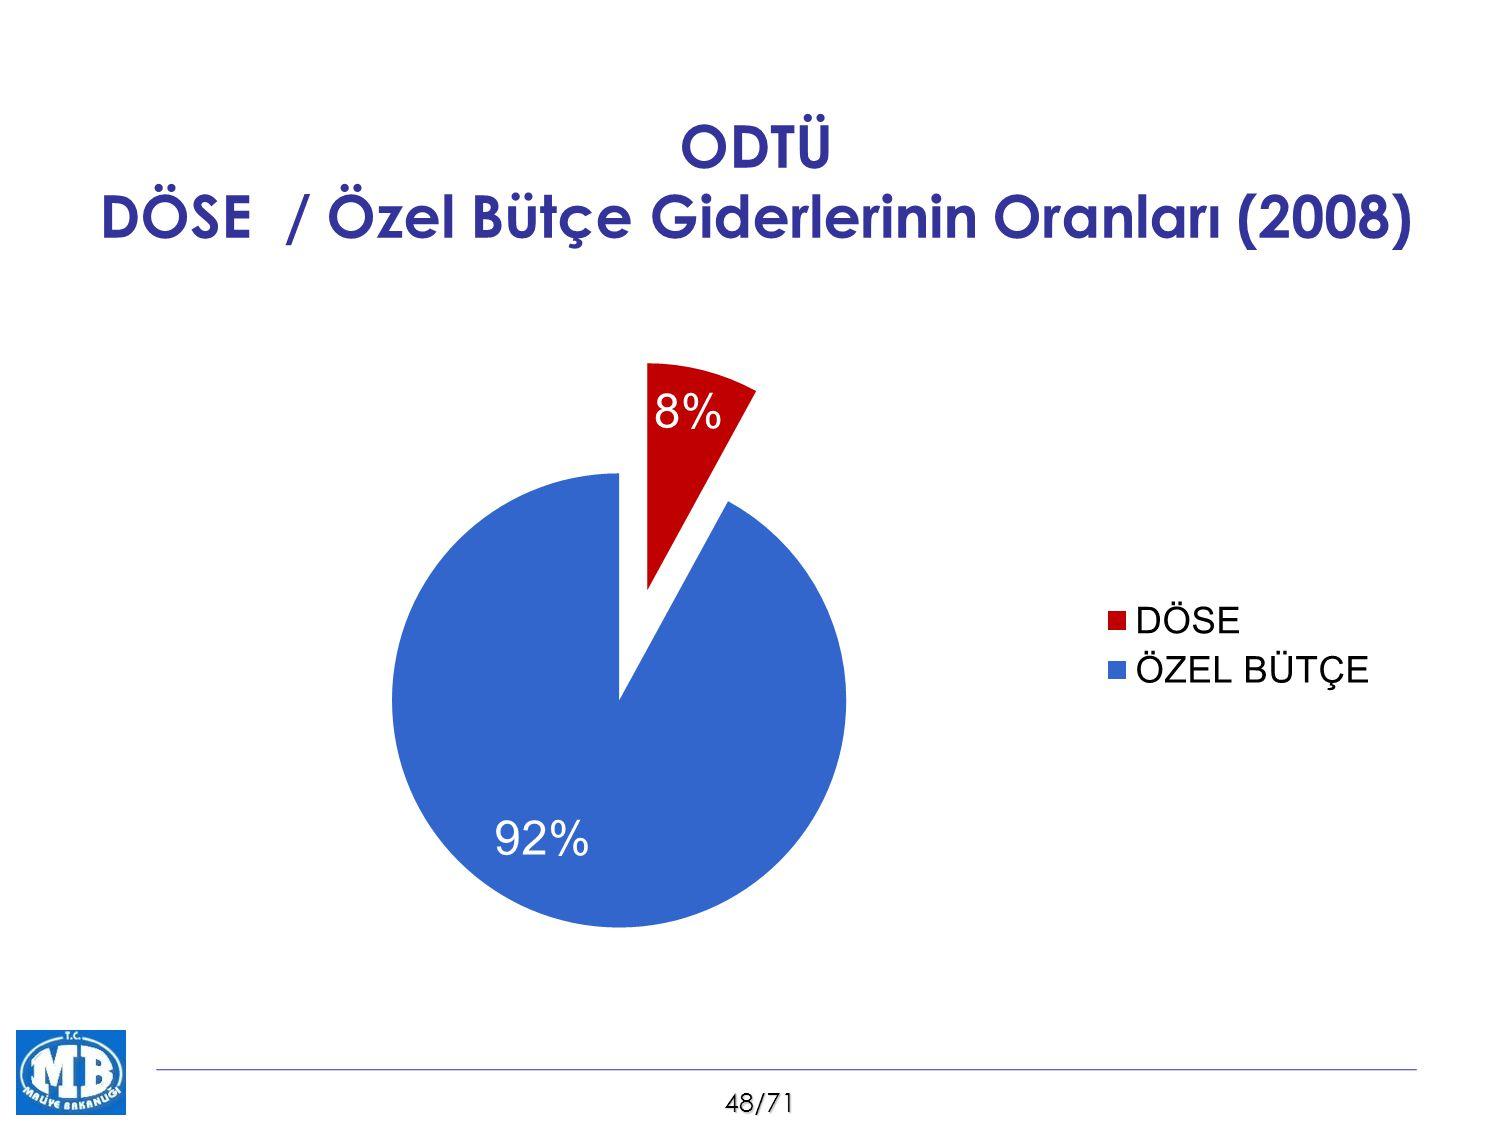 48/71 ODTÜ DÖSE / Özel Bütçe Giderlerinin Oranları (2008)